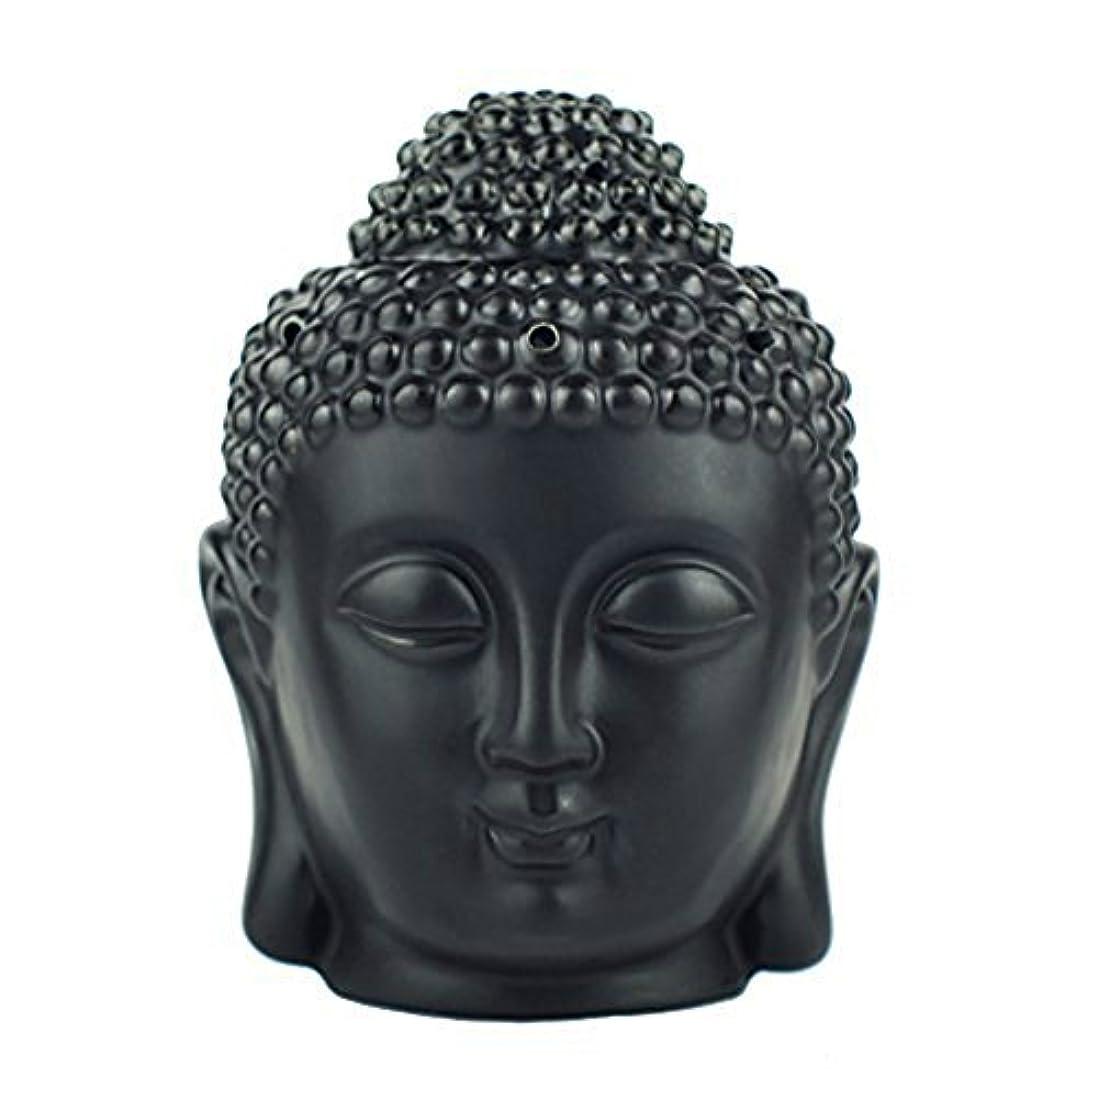 ワゴン驚かす胆嚢moylor Buddha Head Statueオイルバーナー半透明セラミックアロマセラピーDiffusers父の日のギフトとホームデコレーション(ホワイト&ブラック)